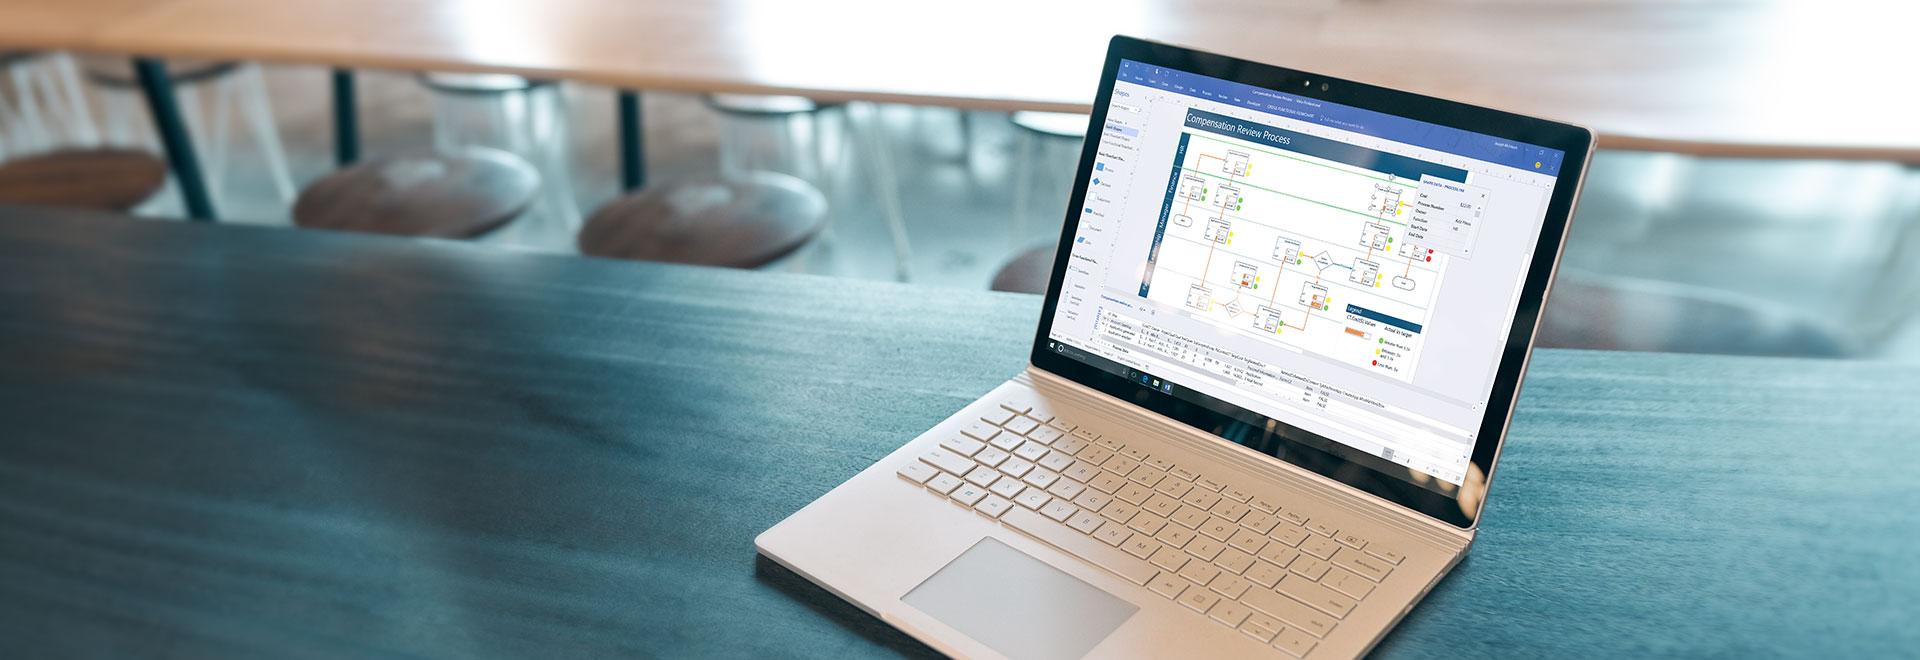 Klēpjdators, kurā redzama procesa darbplūsmas shēma programmā Visio Pro pakalpojumam Office365